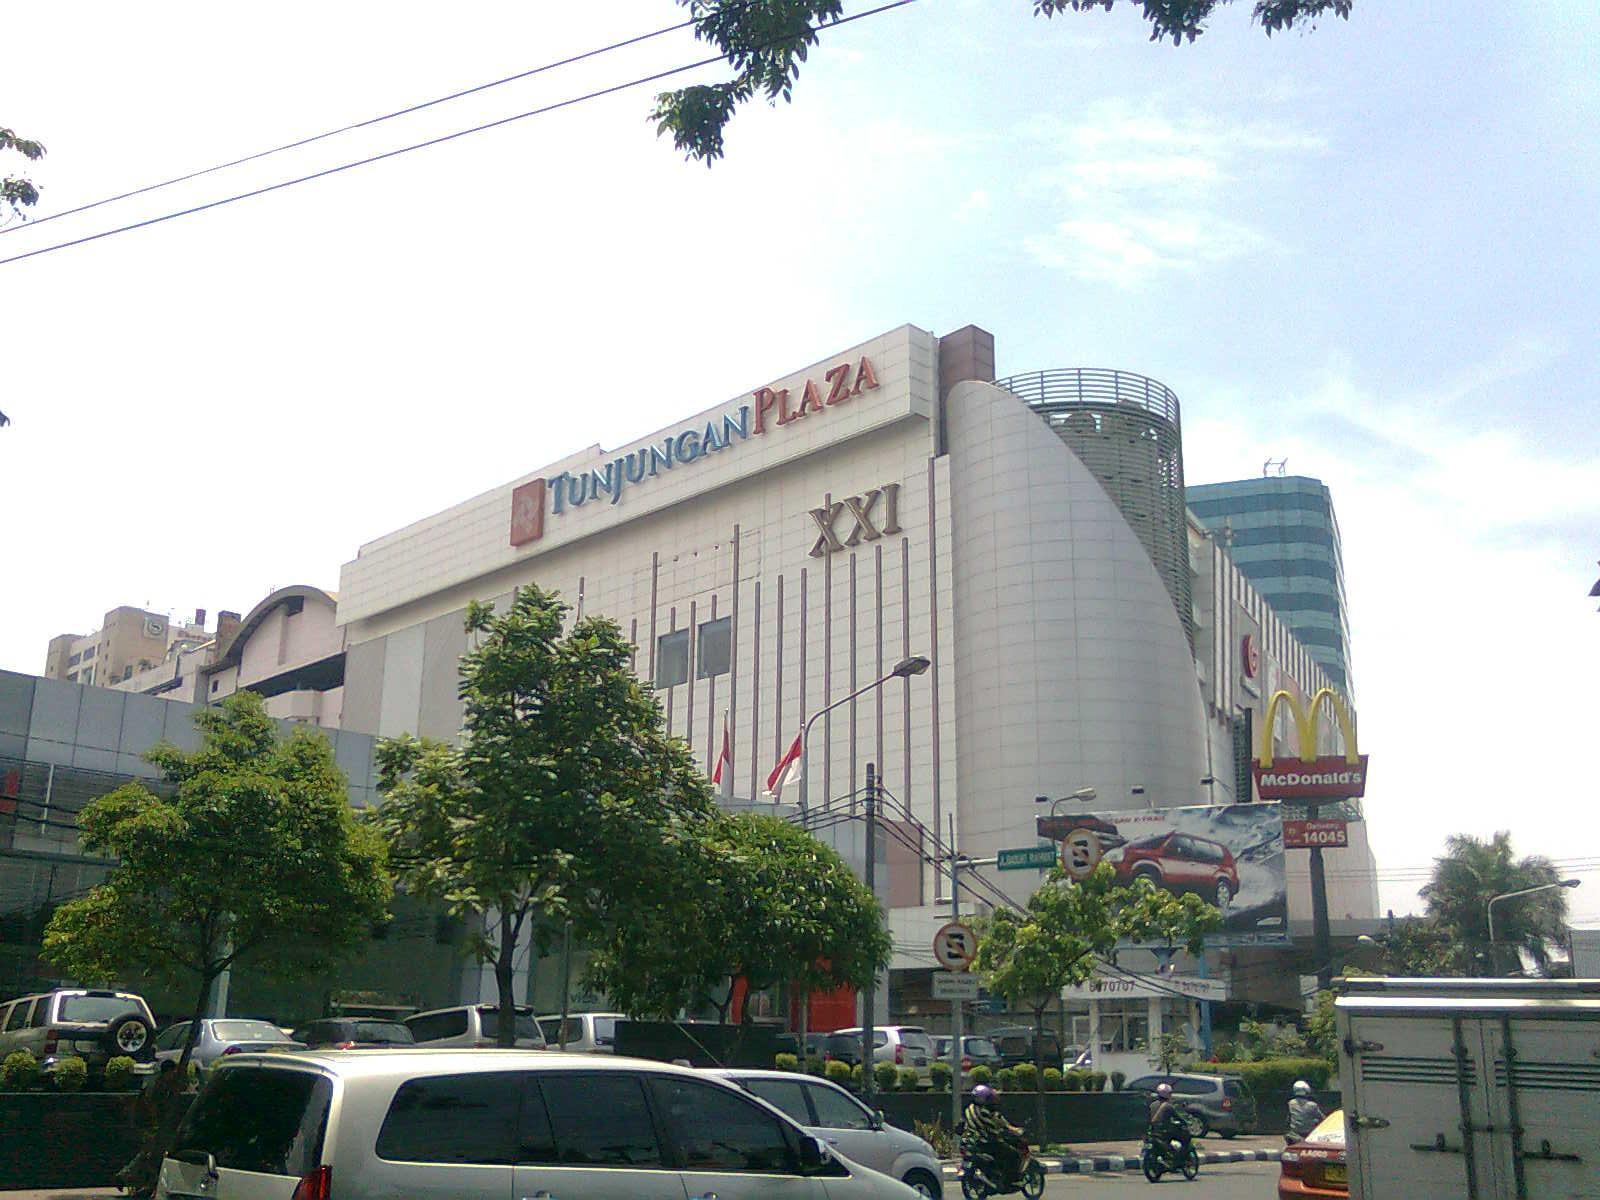 Tunjungan Plaza Sejuta Umat Panduan Wisata Surabaya Pusat Perbelanjaan Populer